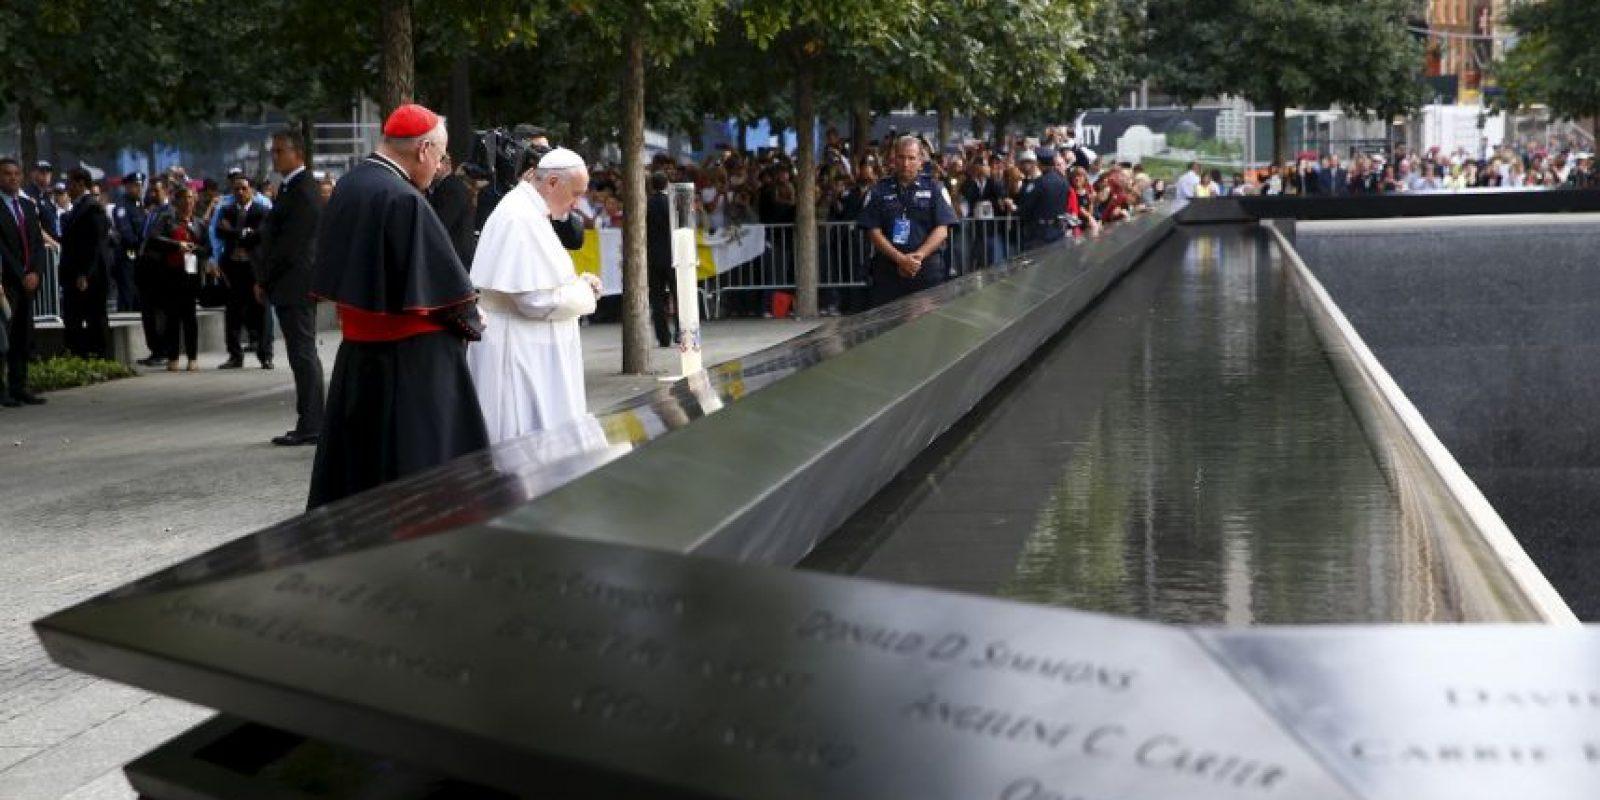 El Pontífice realizó una oración en memoria de las víctimas Foto:AFP